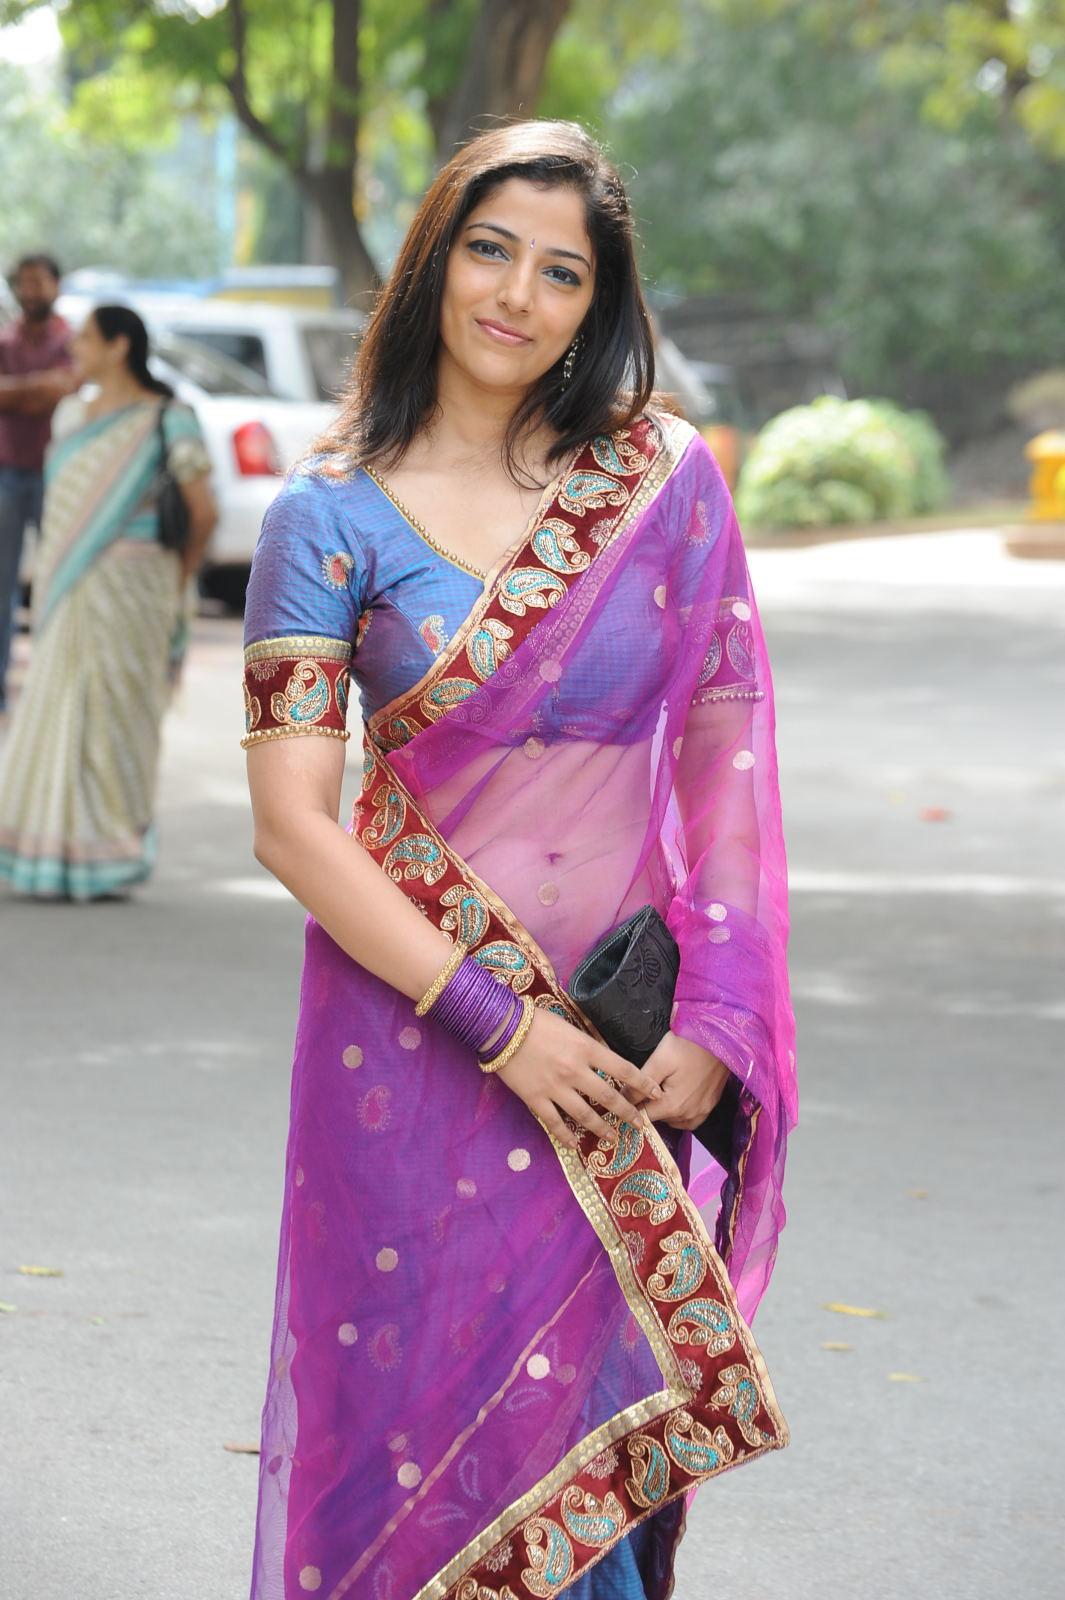 Cute nishanthi in a transparent saree